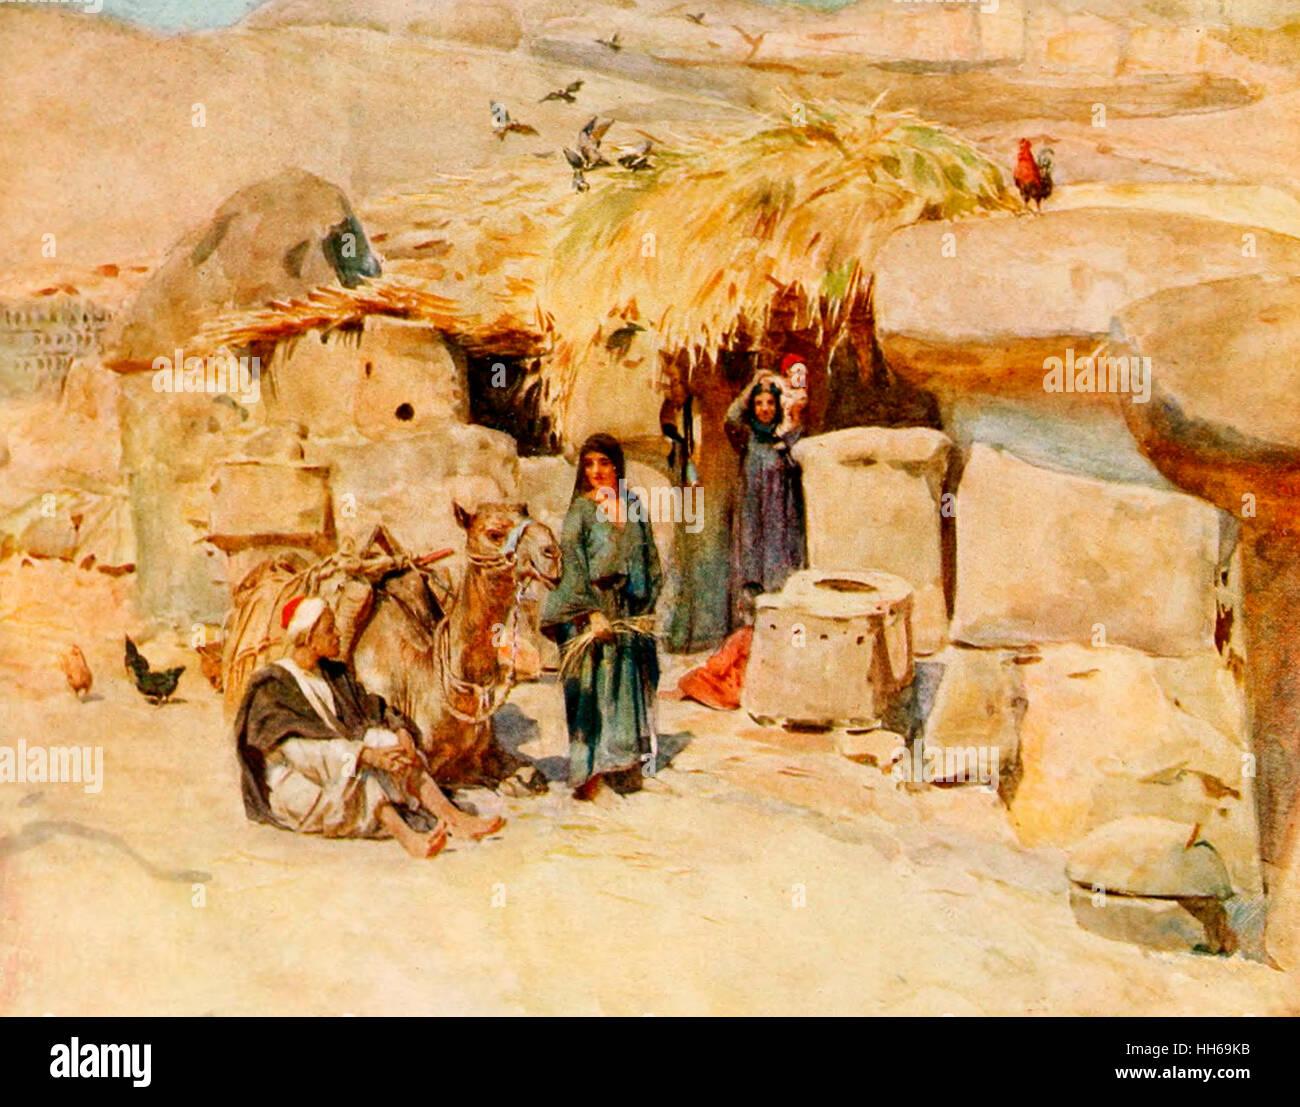 A Theban Homestead - Egypt, circa 1912 - Stock Image